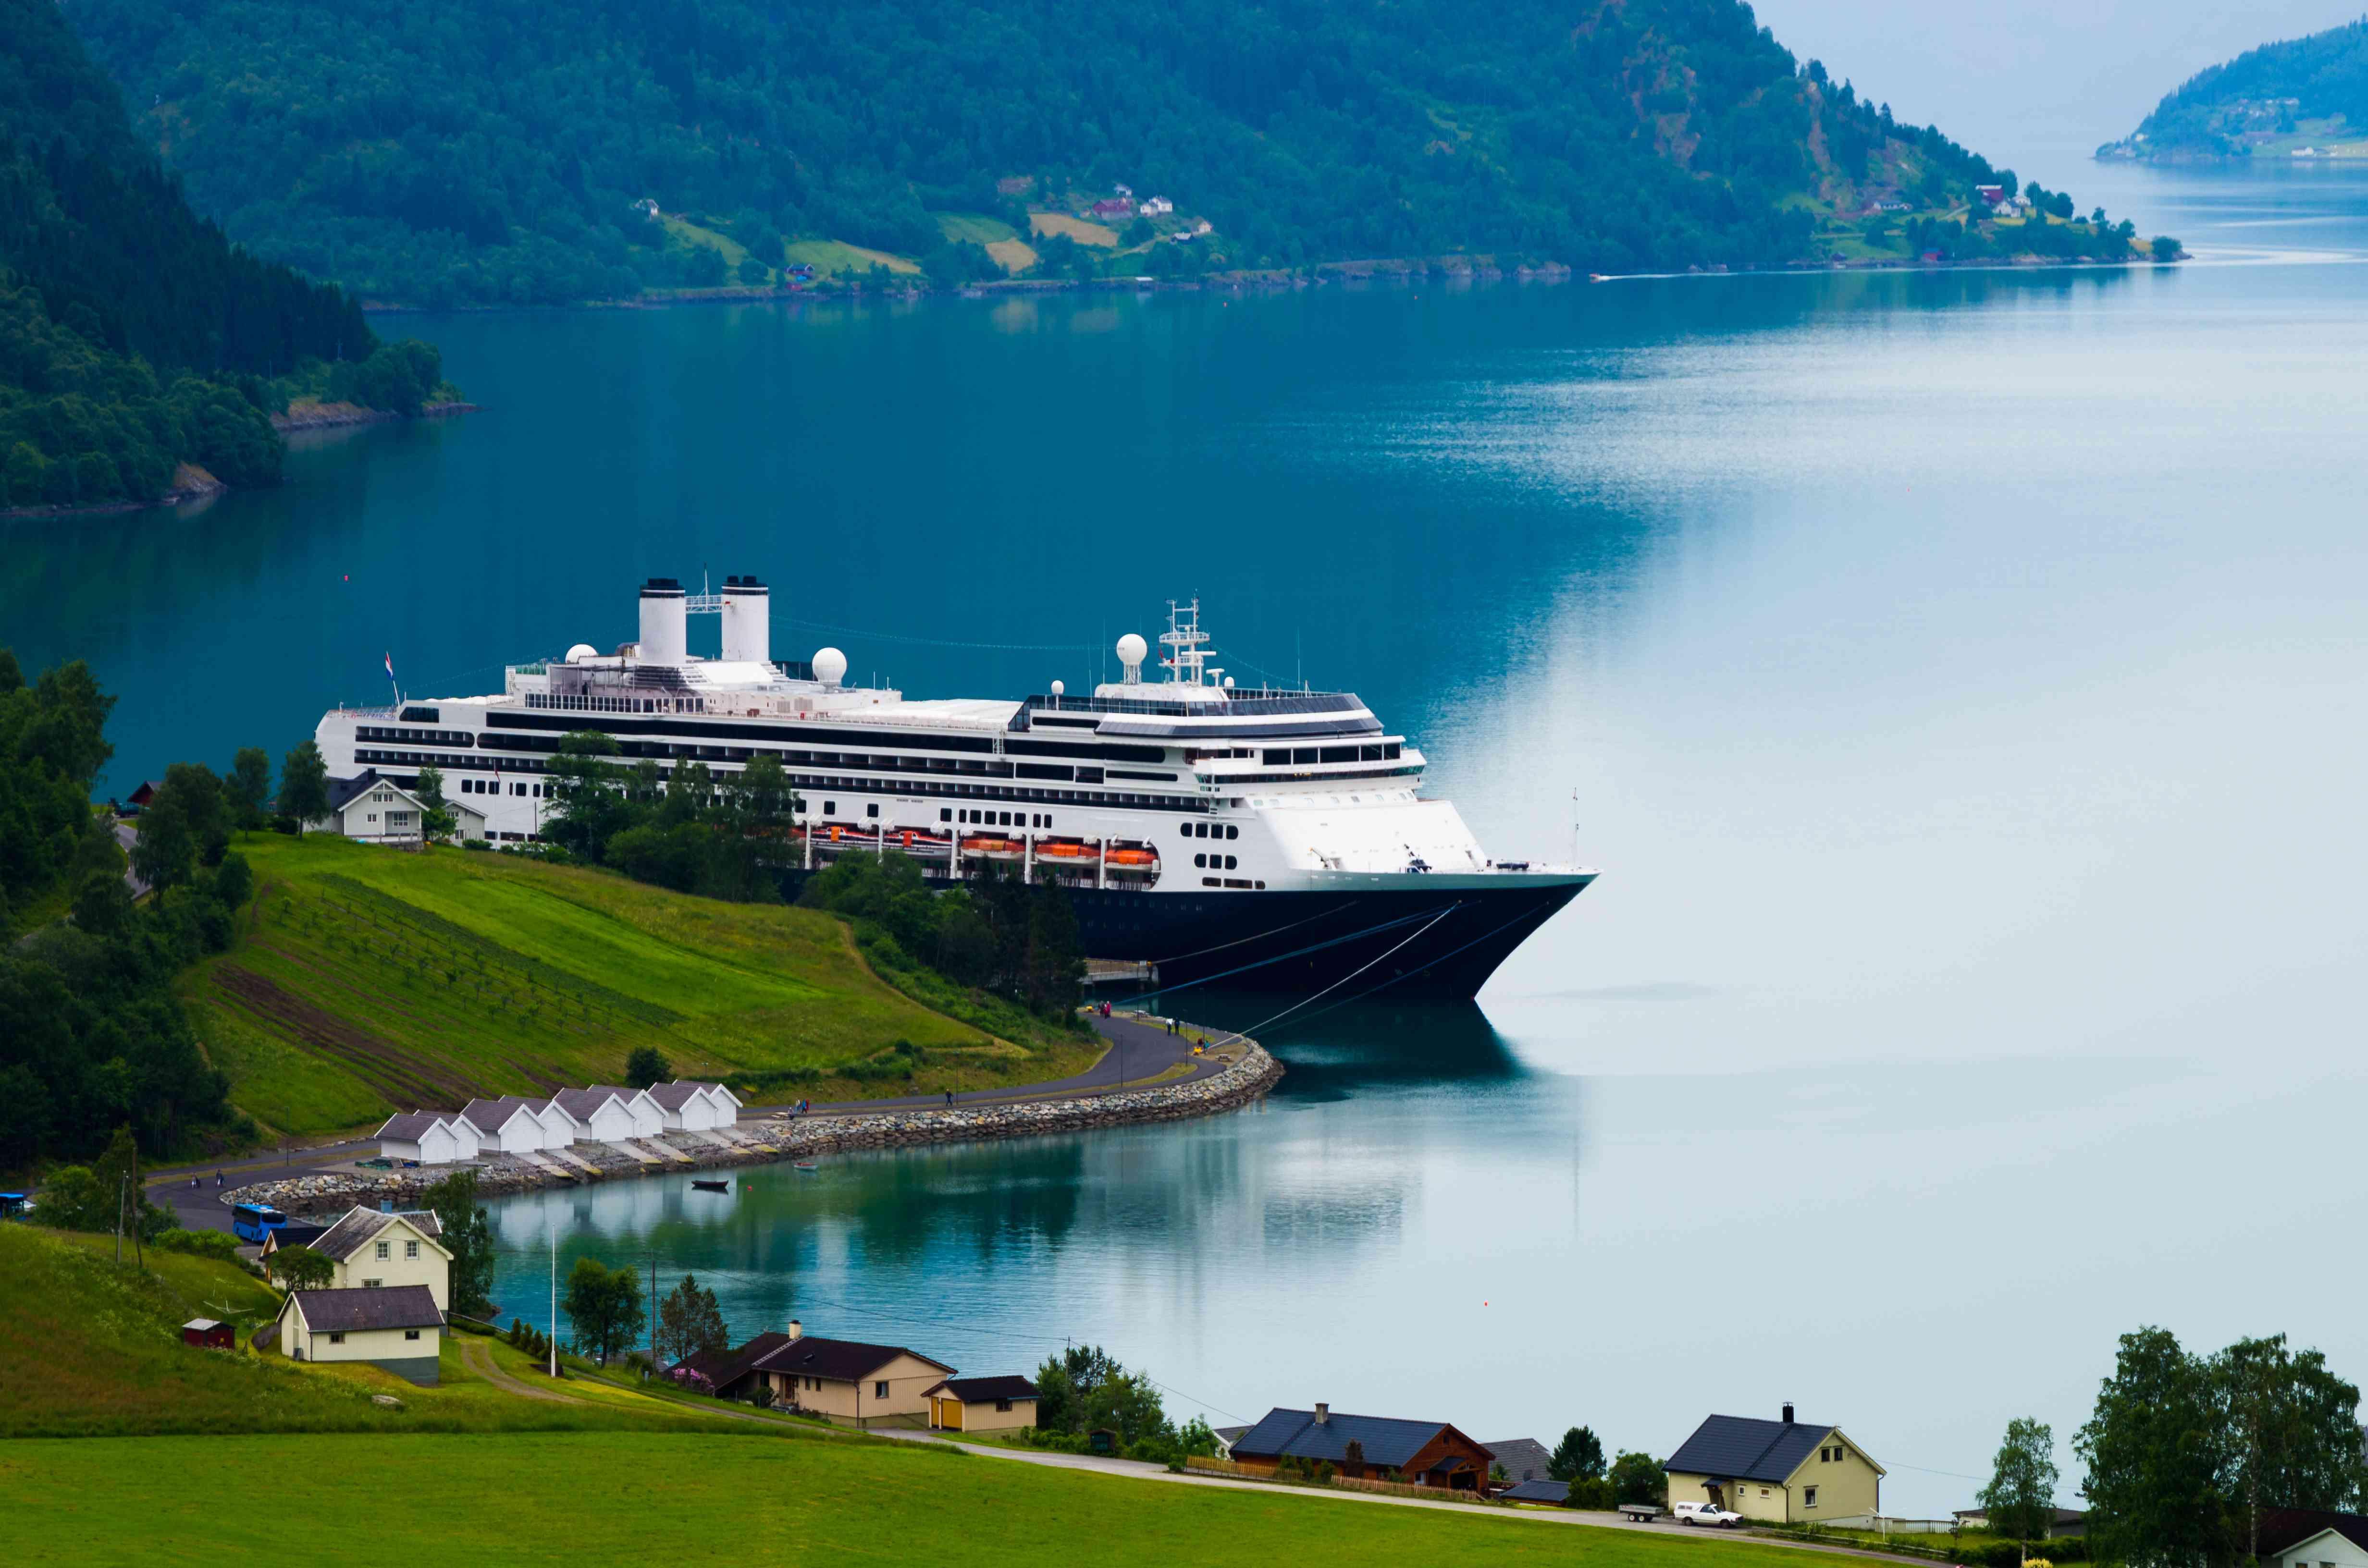 An ocean cruise